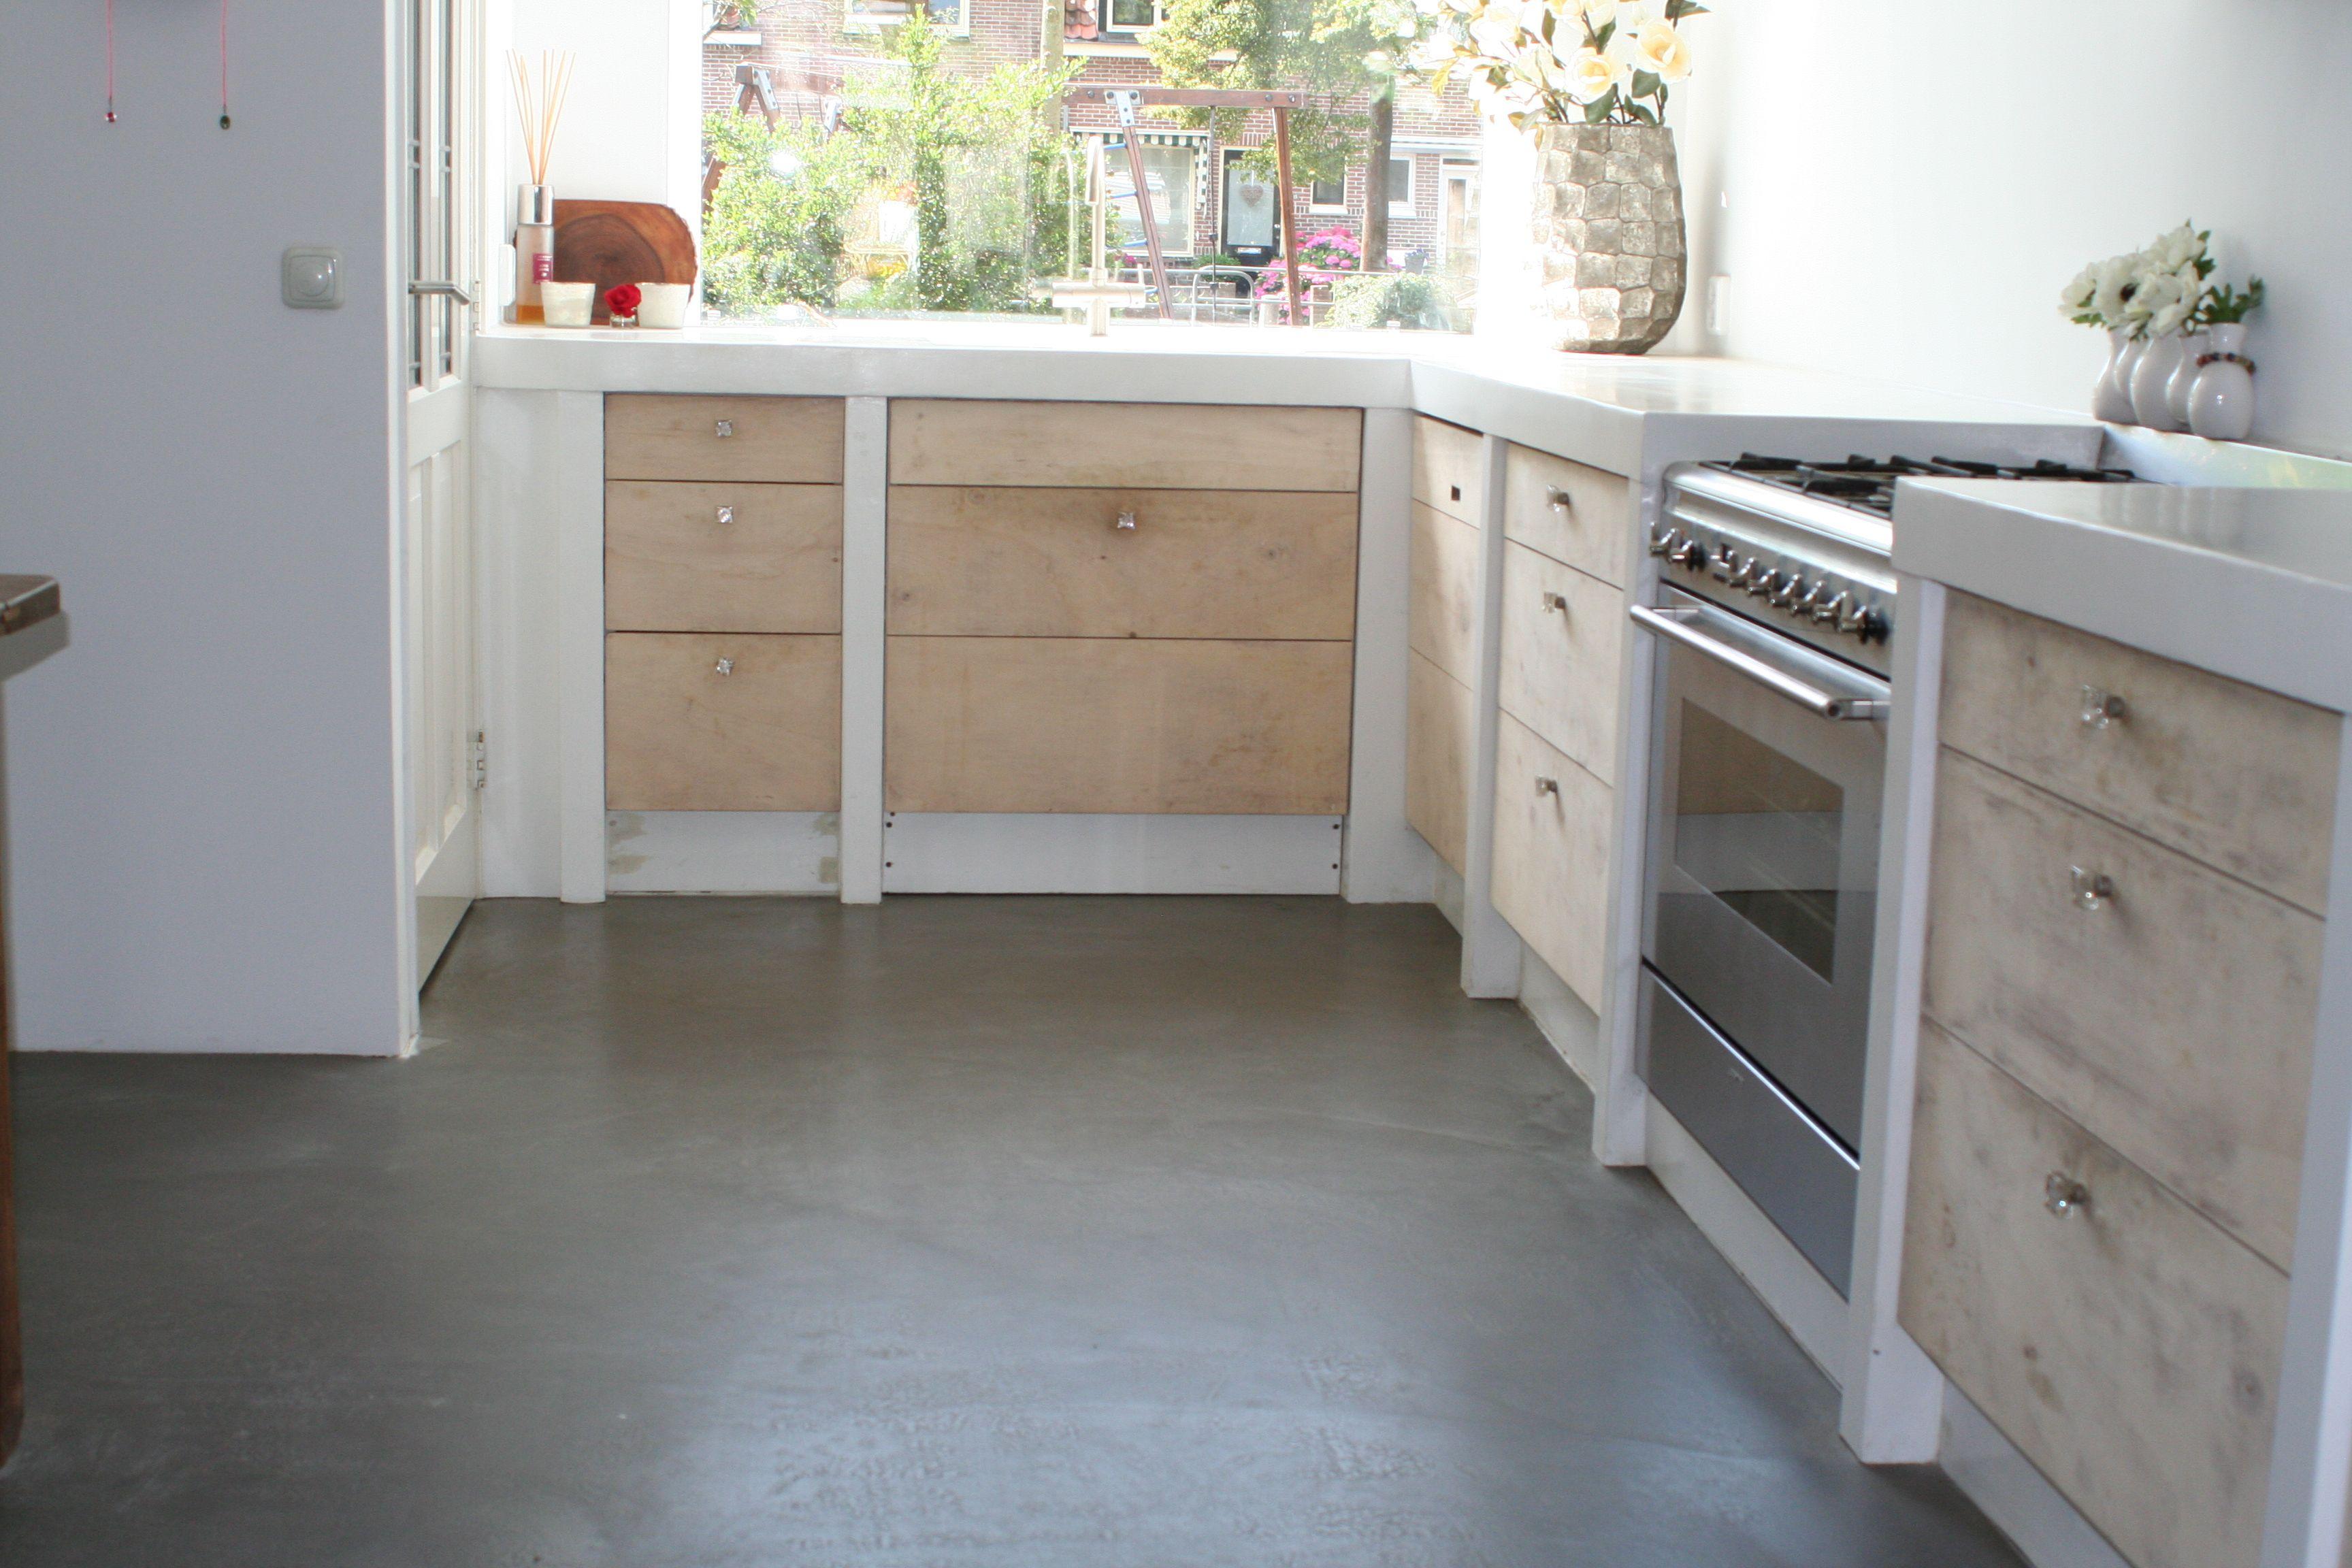 De goedkoopste variant van onze gietvloeren de betonlook vloer